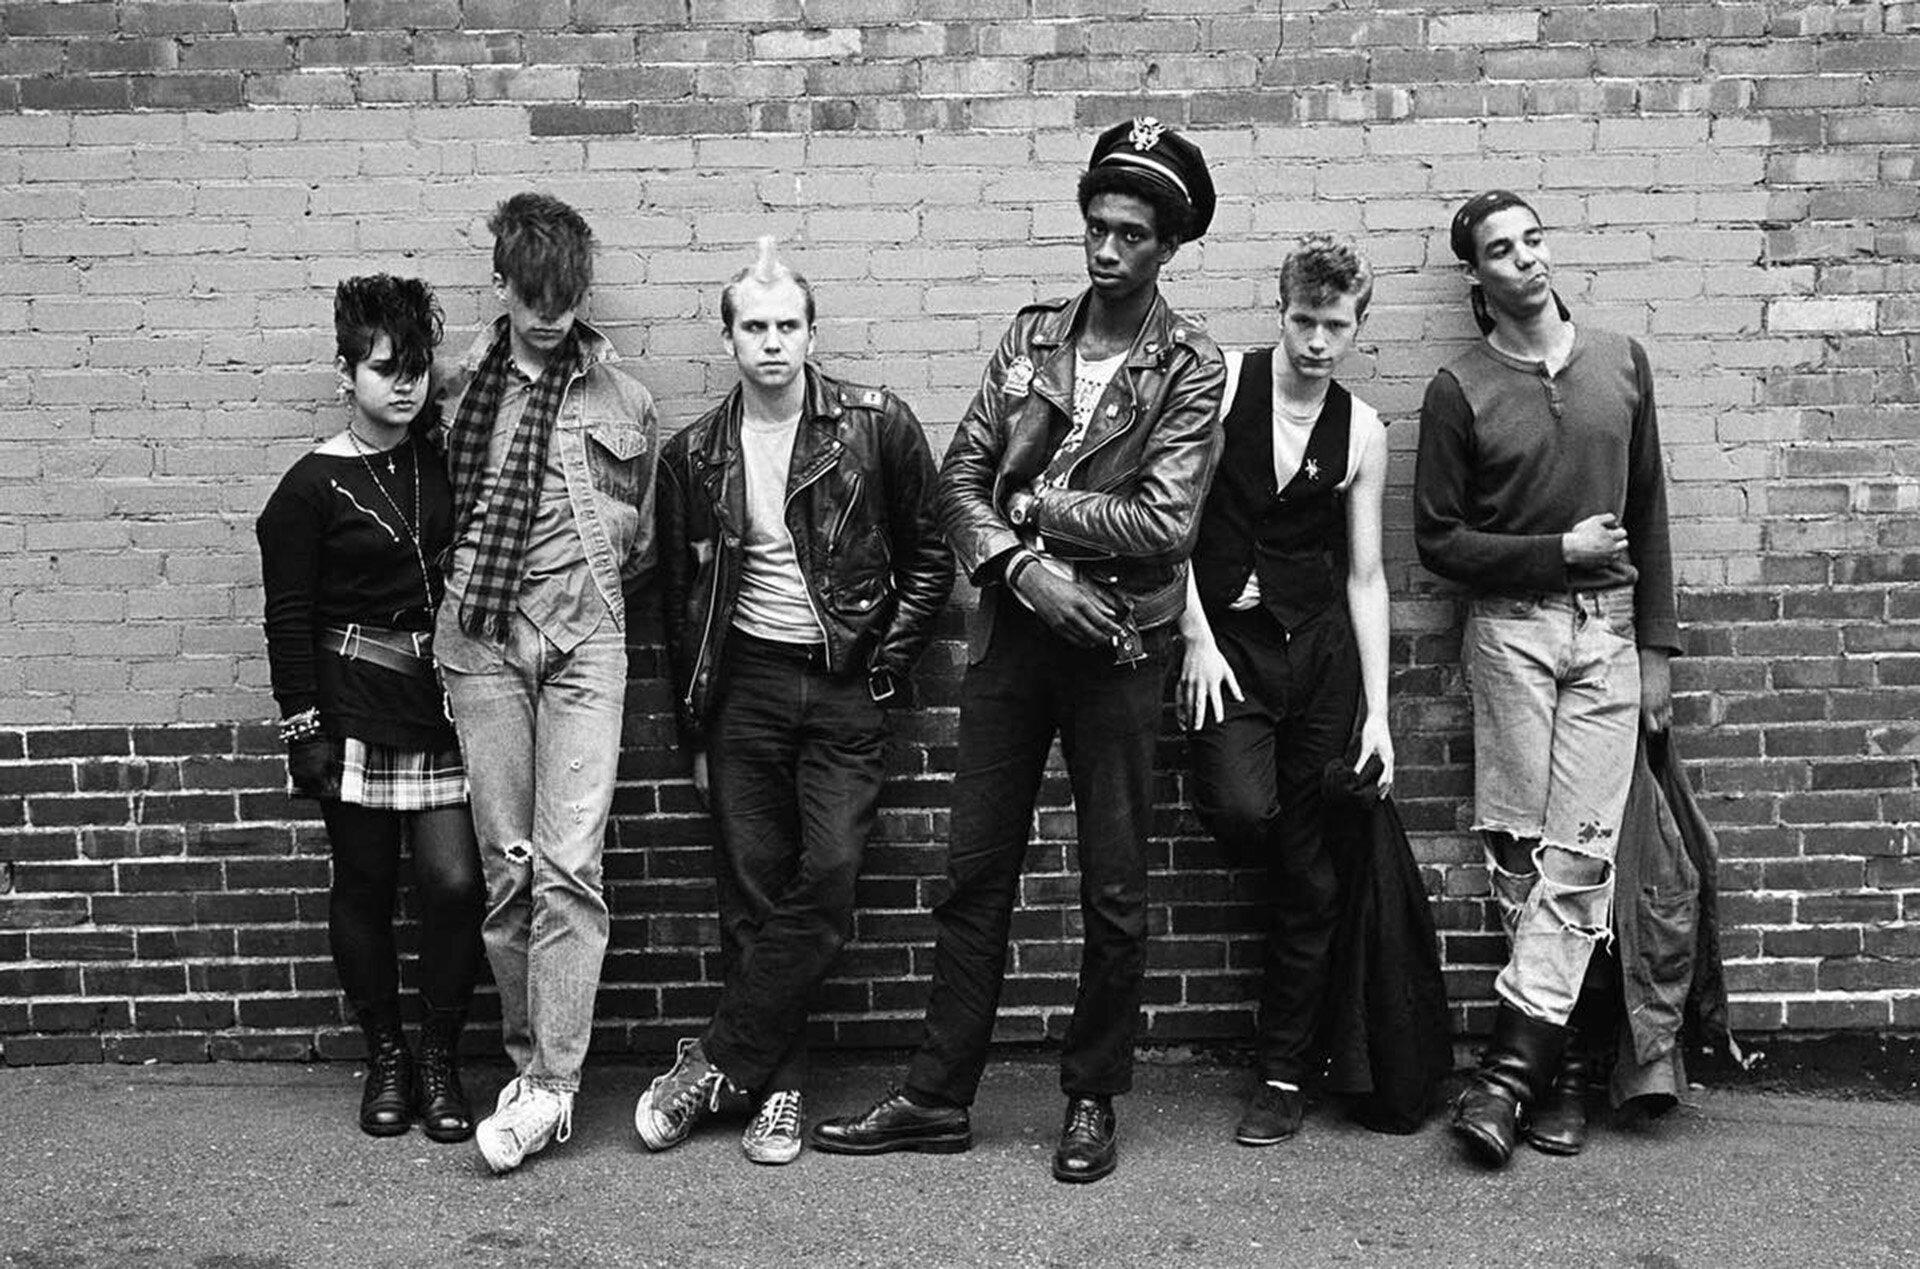 Historia mody męskiej, lata 80. w modzie męskiej, Styl grunge, Style The Ramones